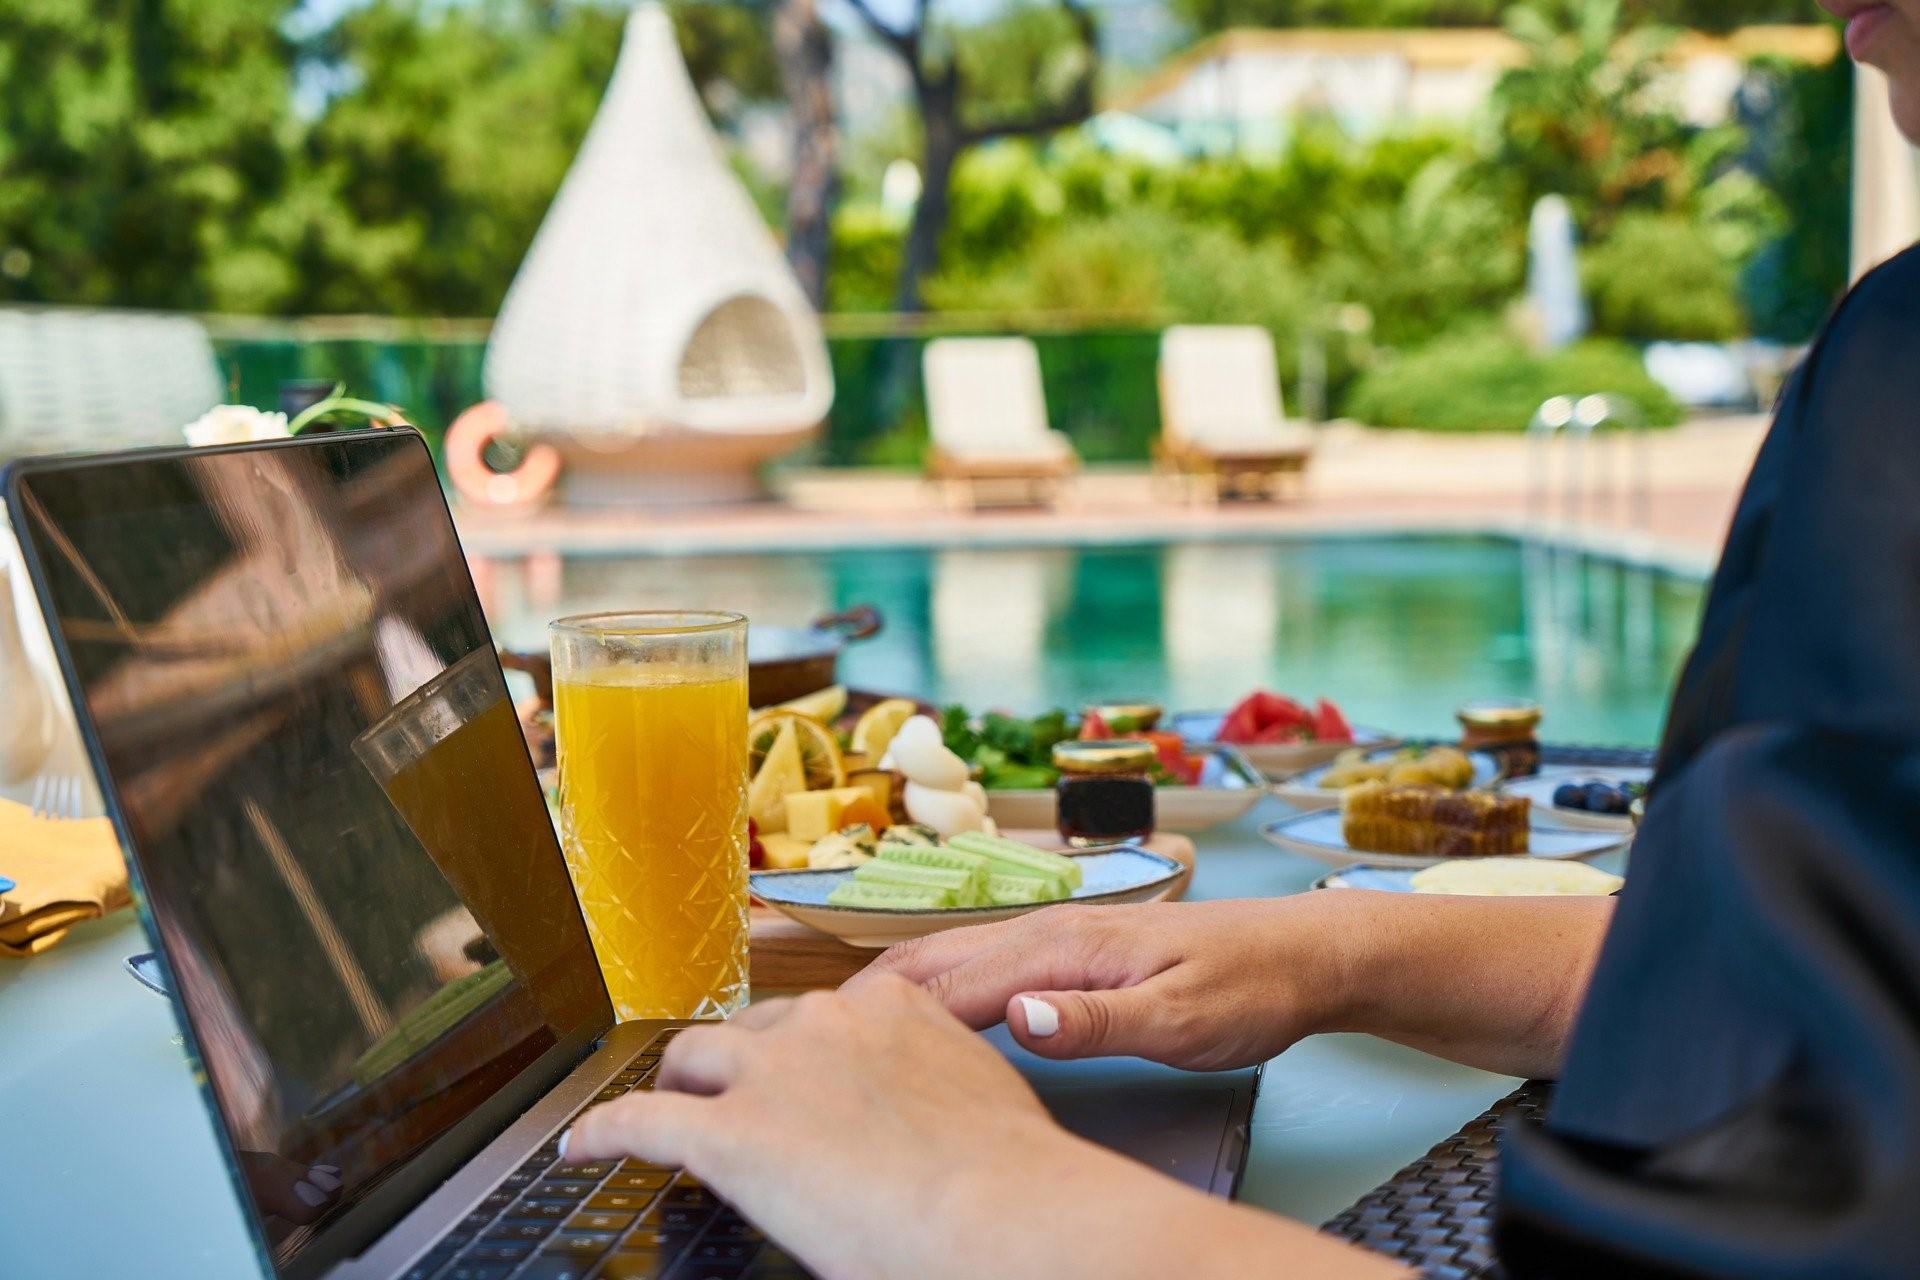 vivre d'internet a de nombreux avantages : mobilités, horaires libres.